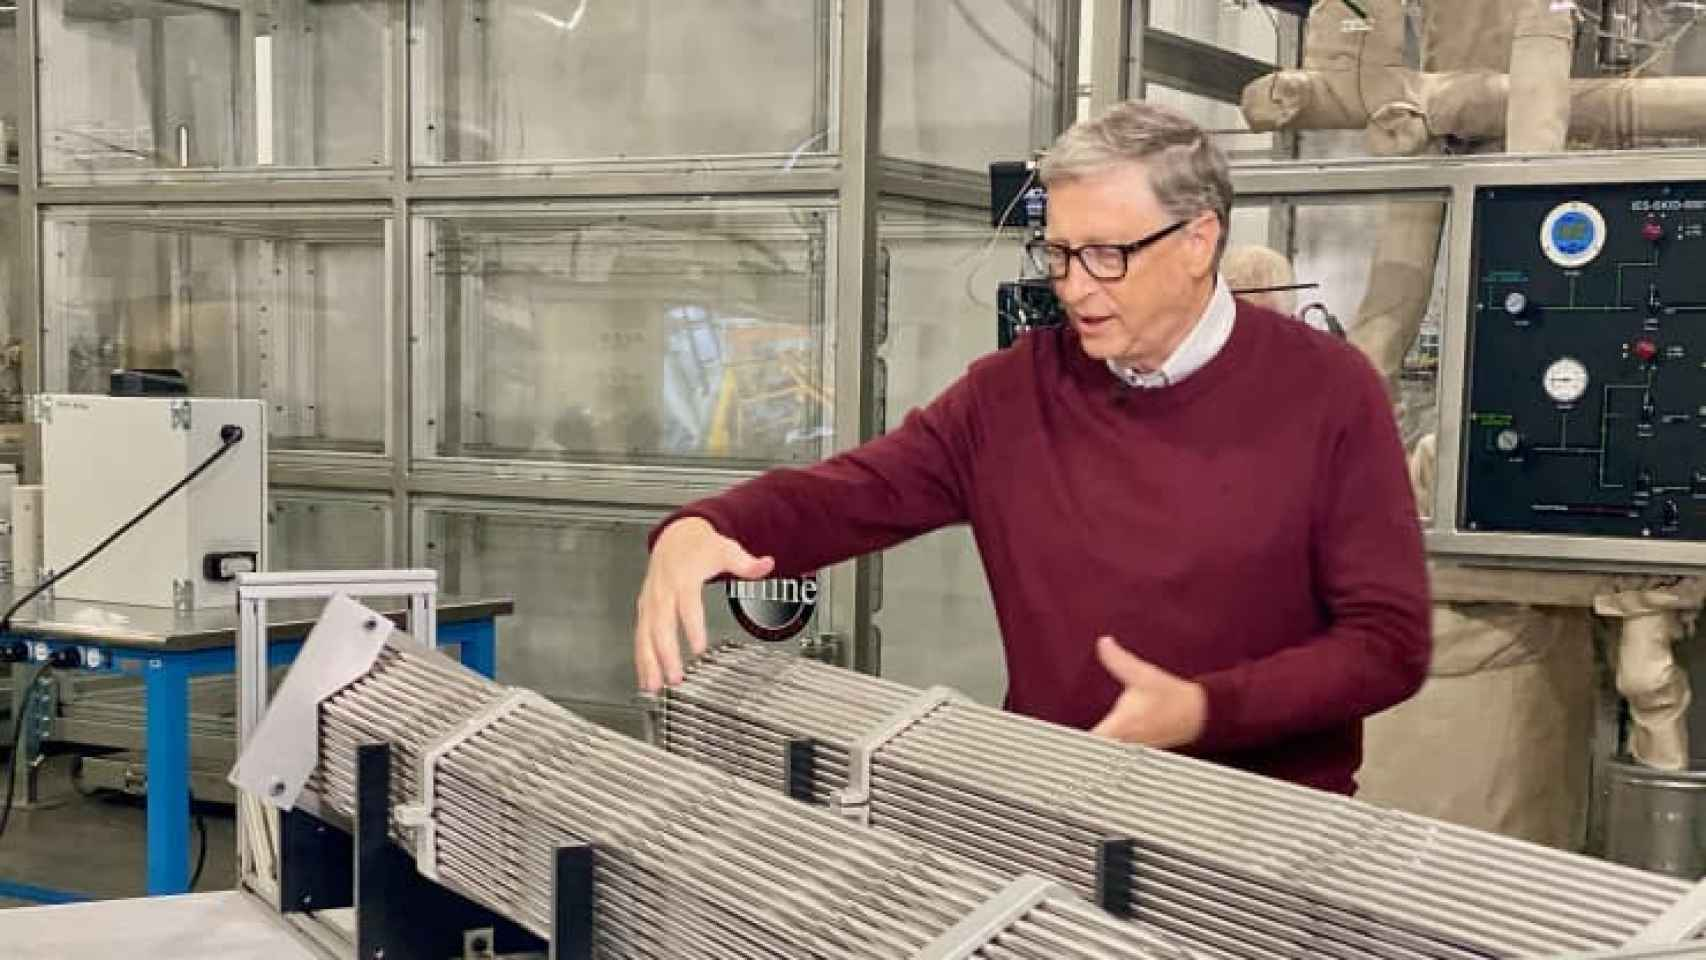 El empresario Bill Gates